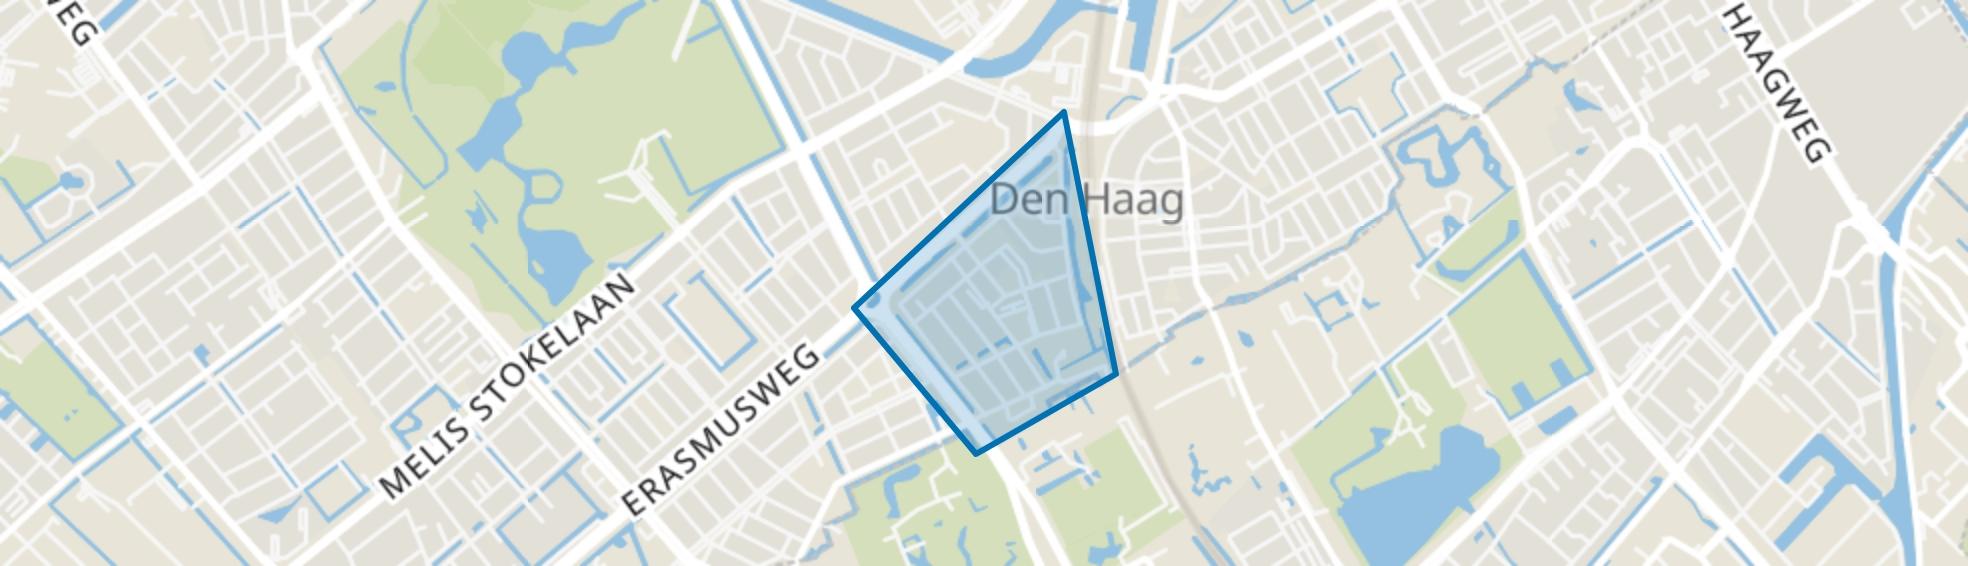 Moerwijk-Oost, Den Haag map